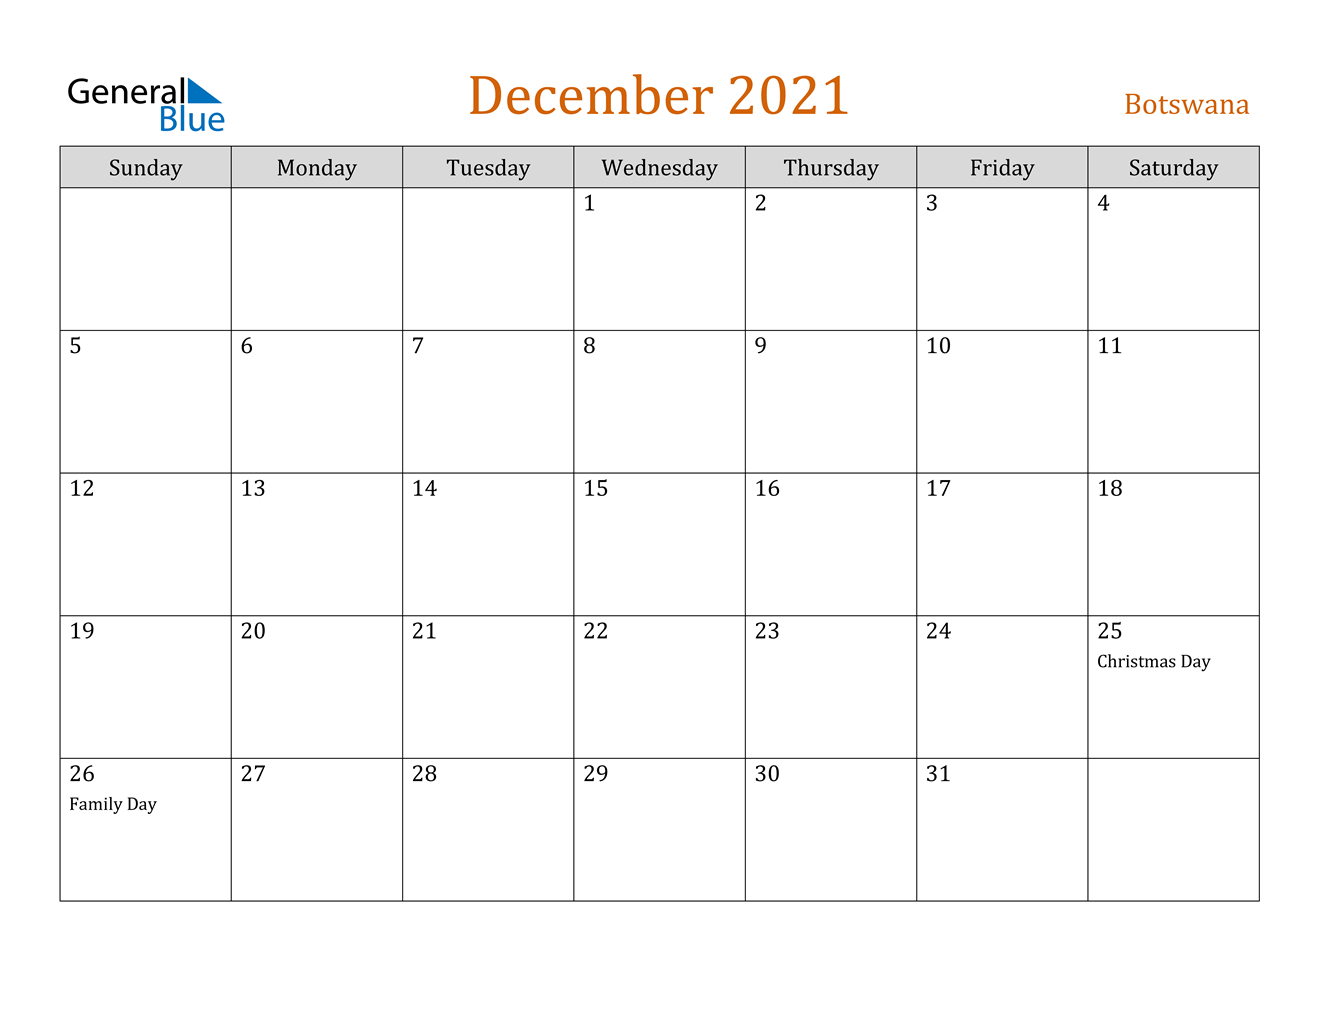 December 2021 Calendar - Botswana